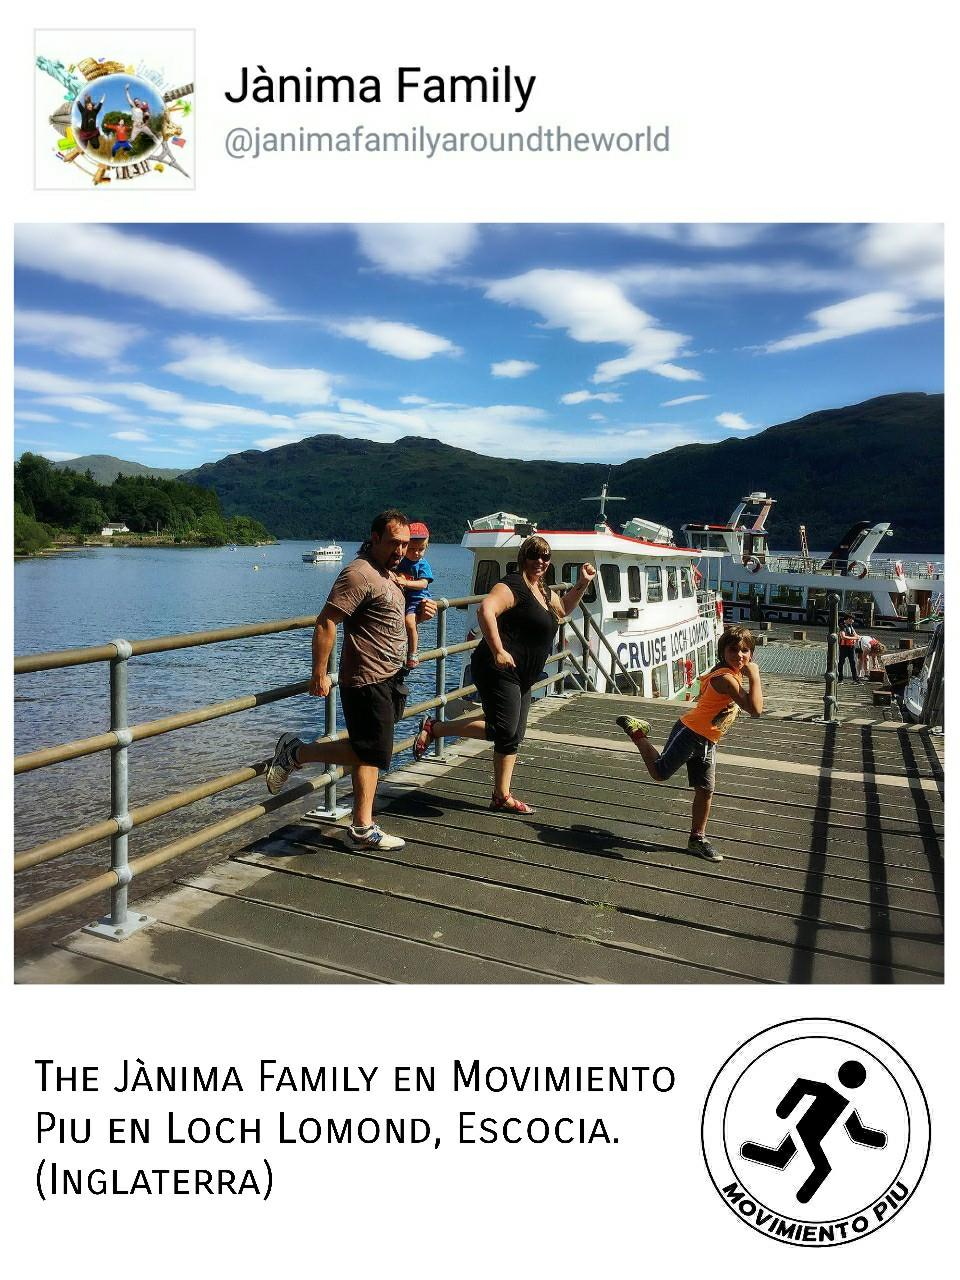 Jànina Family Loch Lomond